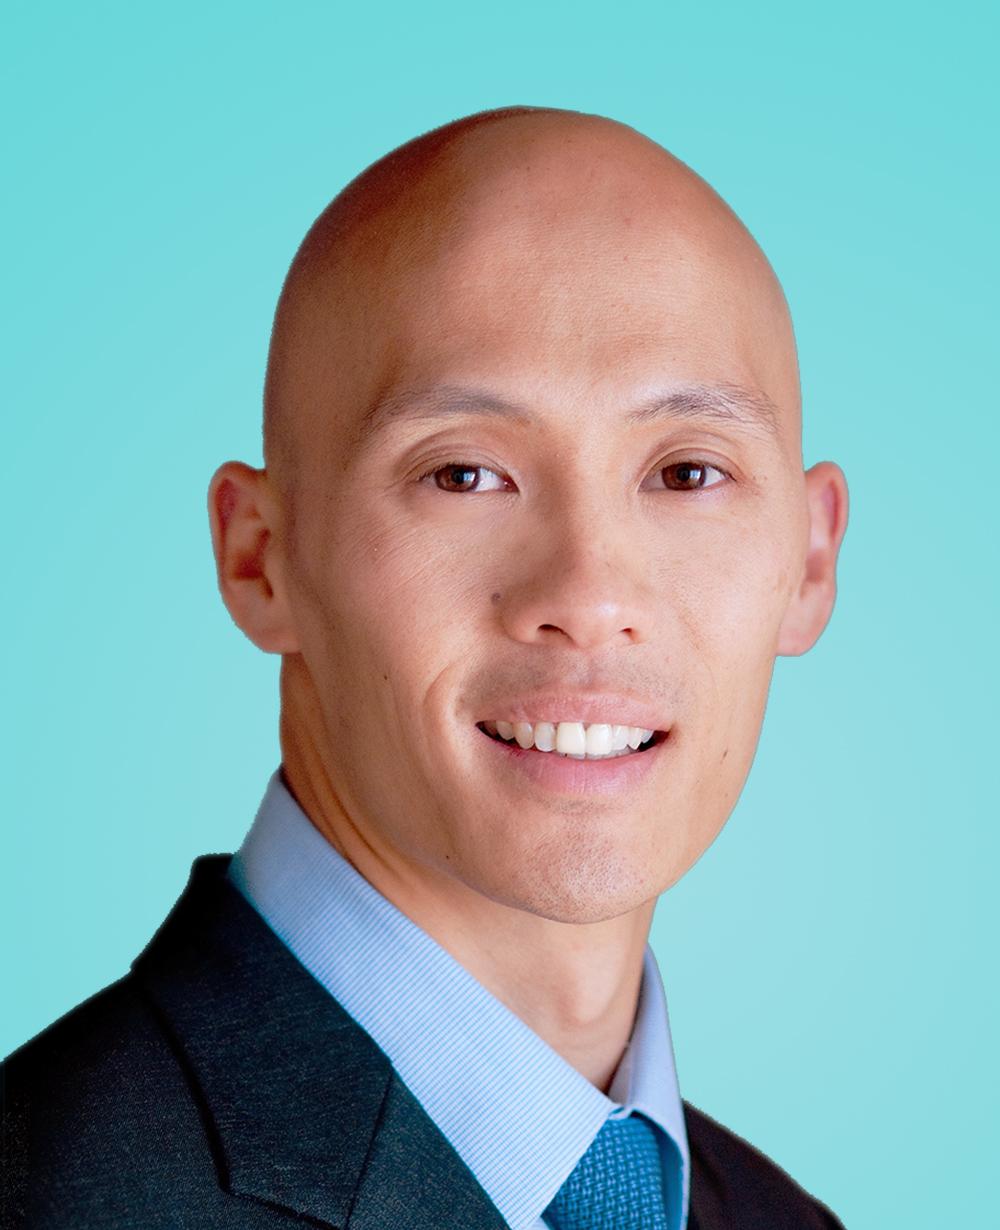 David-Chang-Photo-1.jpg